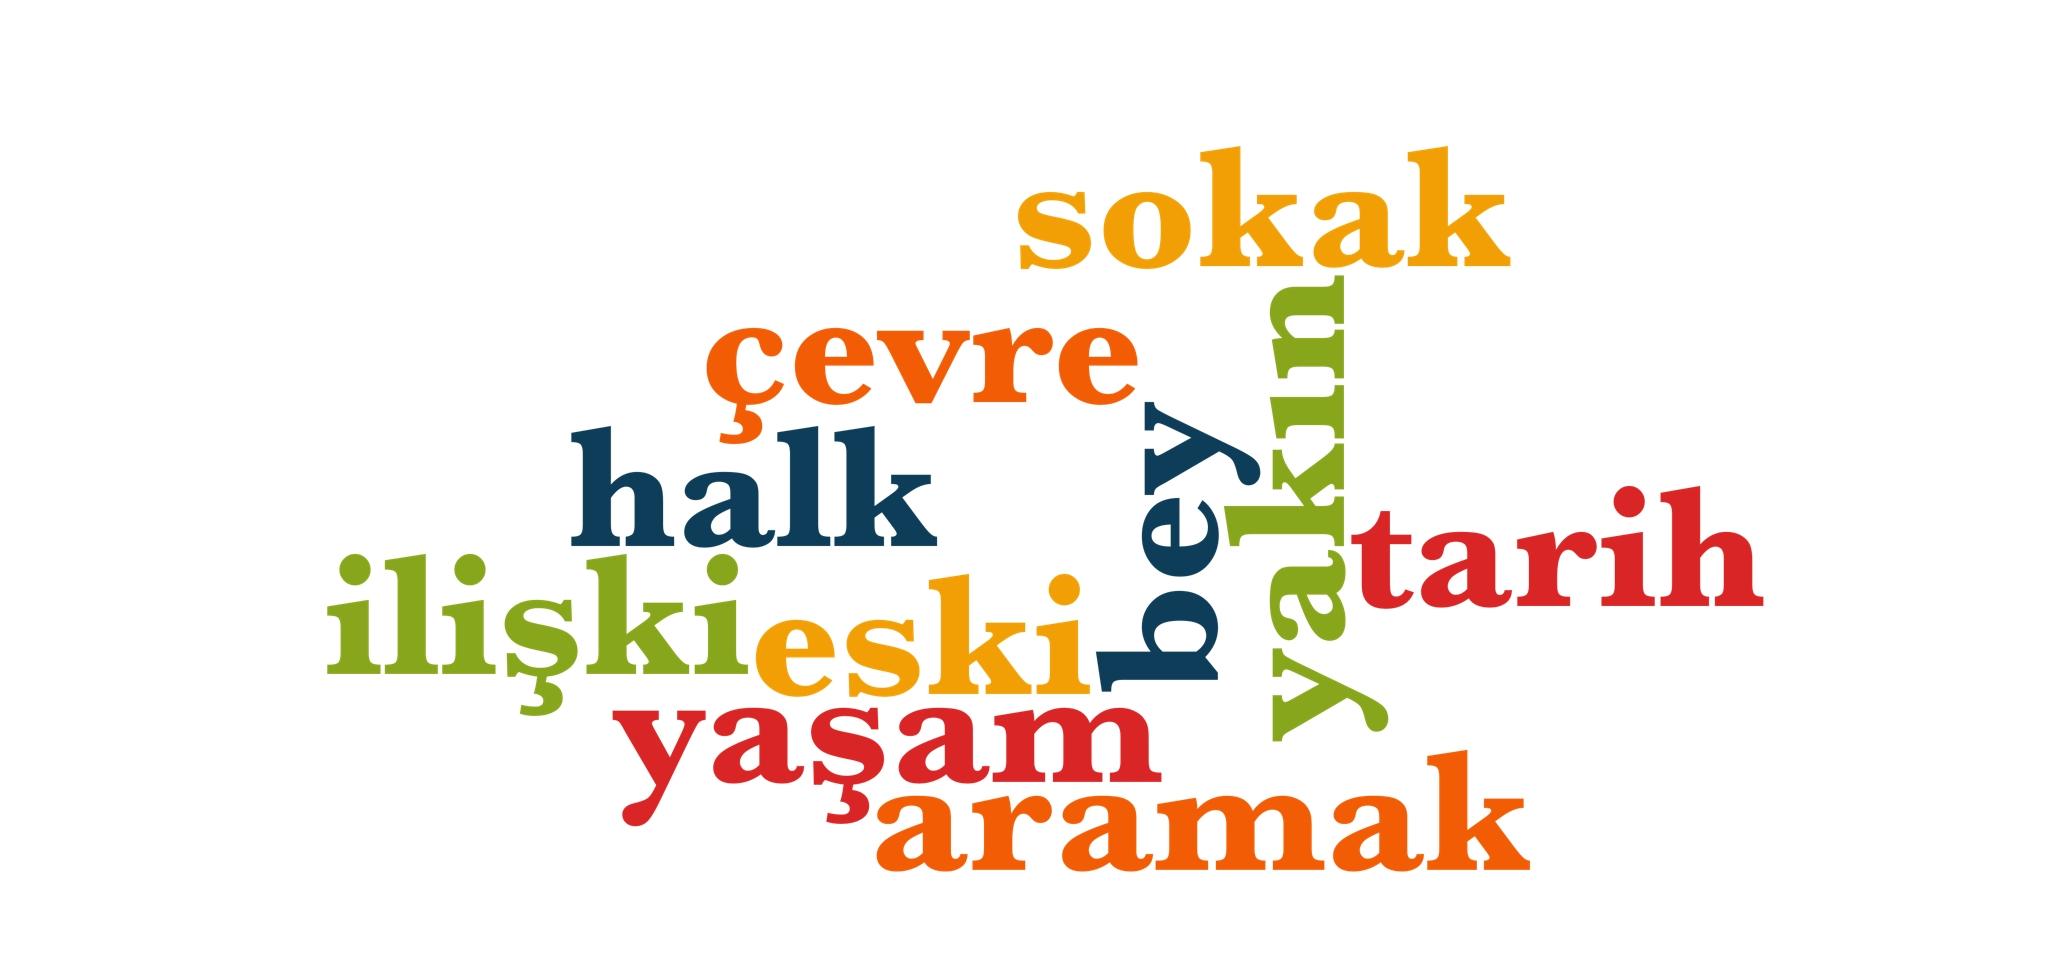 Wörter 211 bis 220 der 1000 häufigsten Wörter der türkischen Sprache